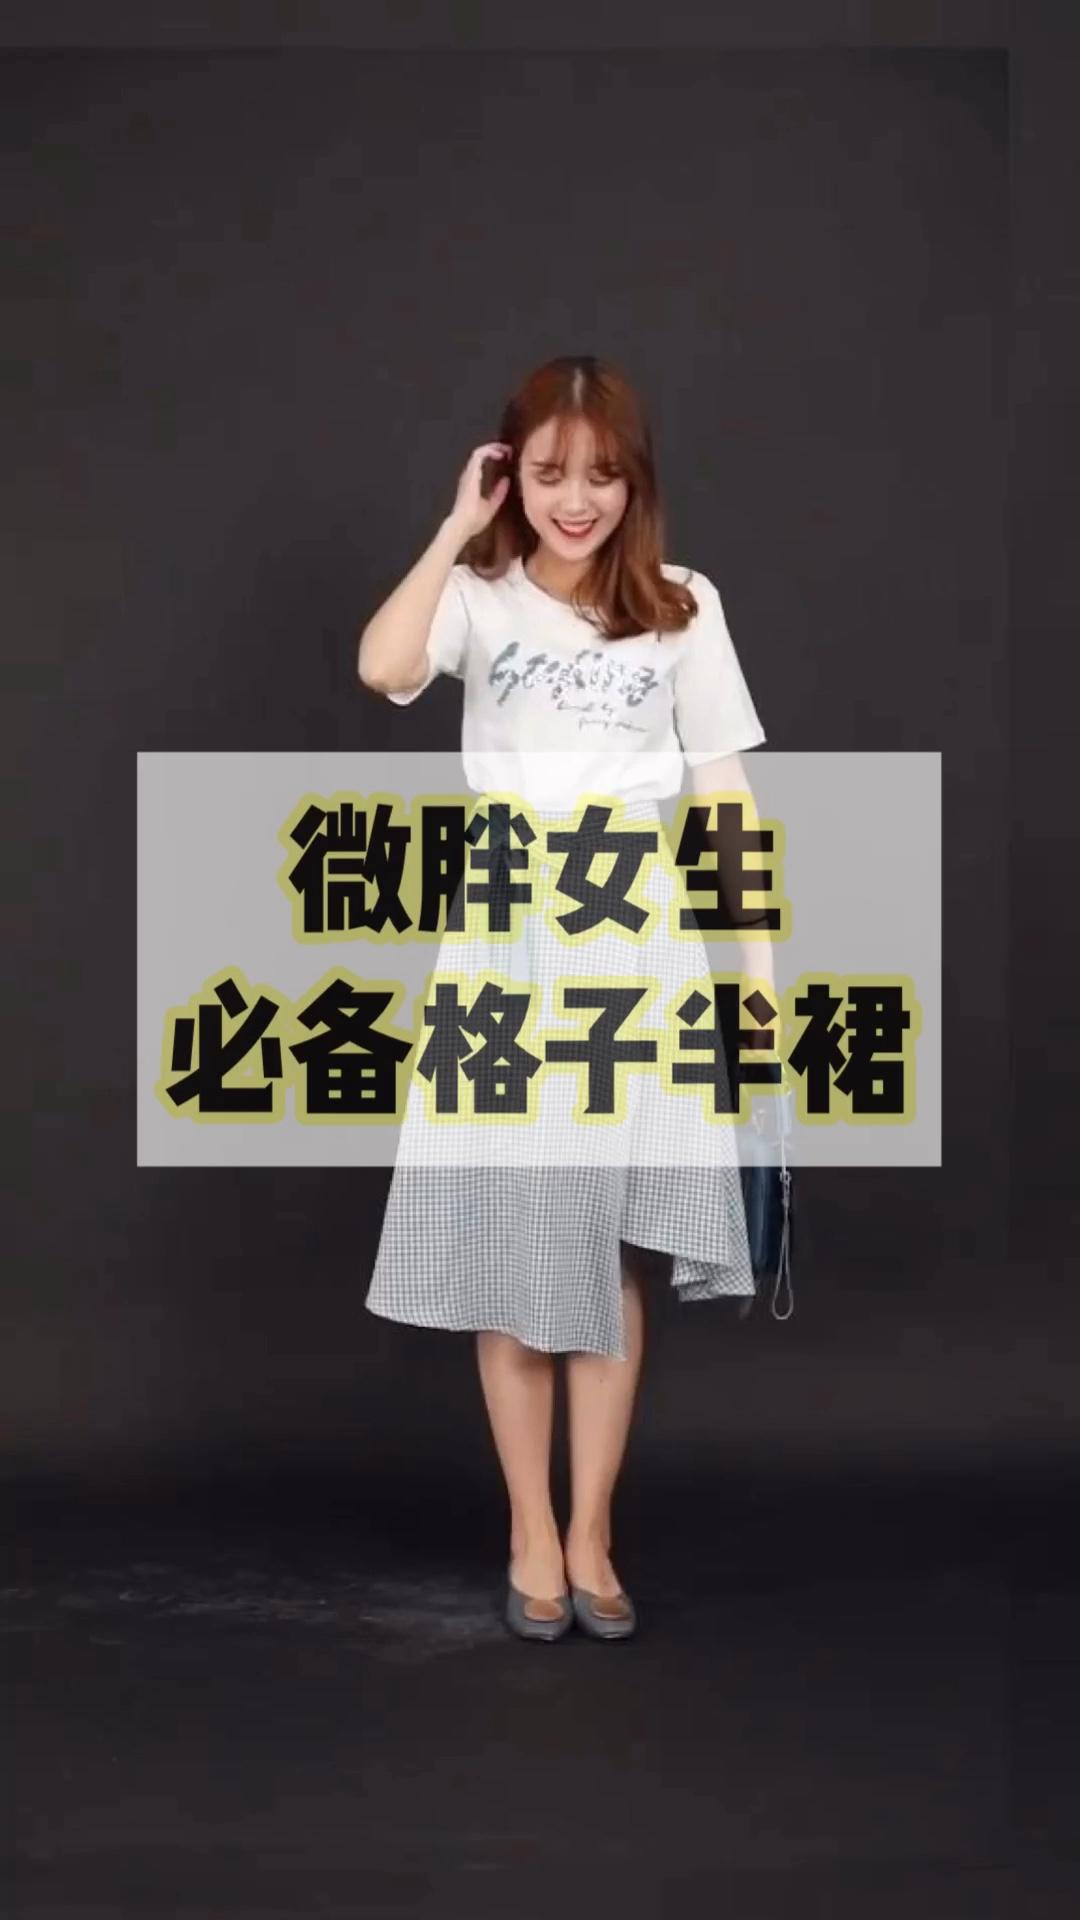 微胖女生必备格子半裙,三色😍跟闺蜜一起逛街必备哦#7月穿什么?新裙裙已备好!#